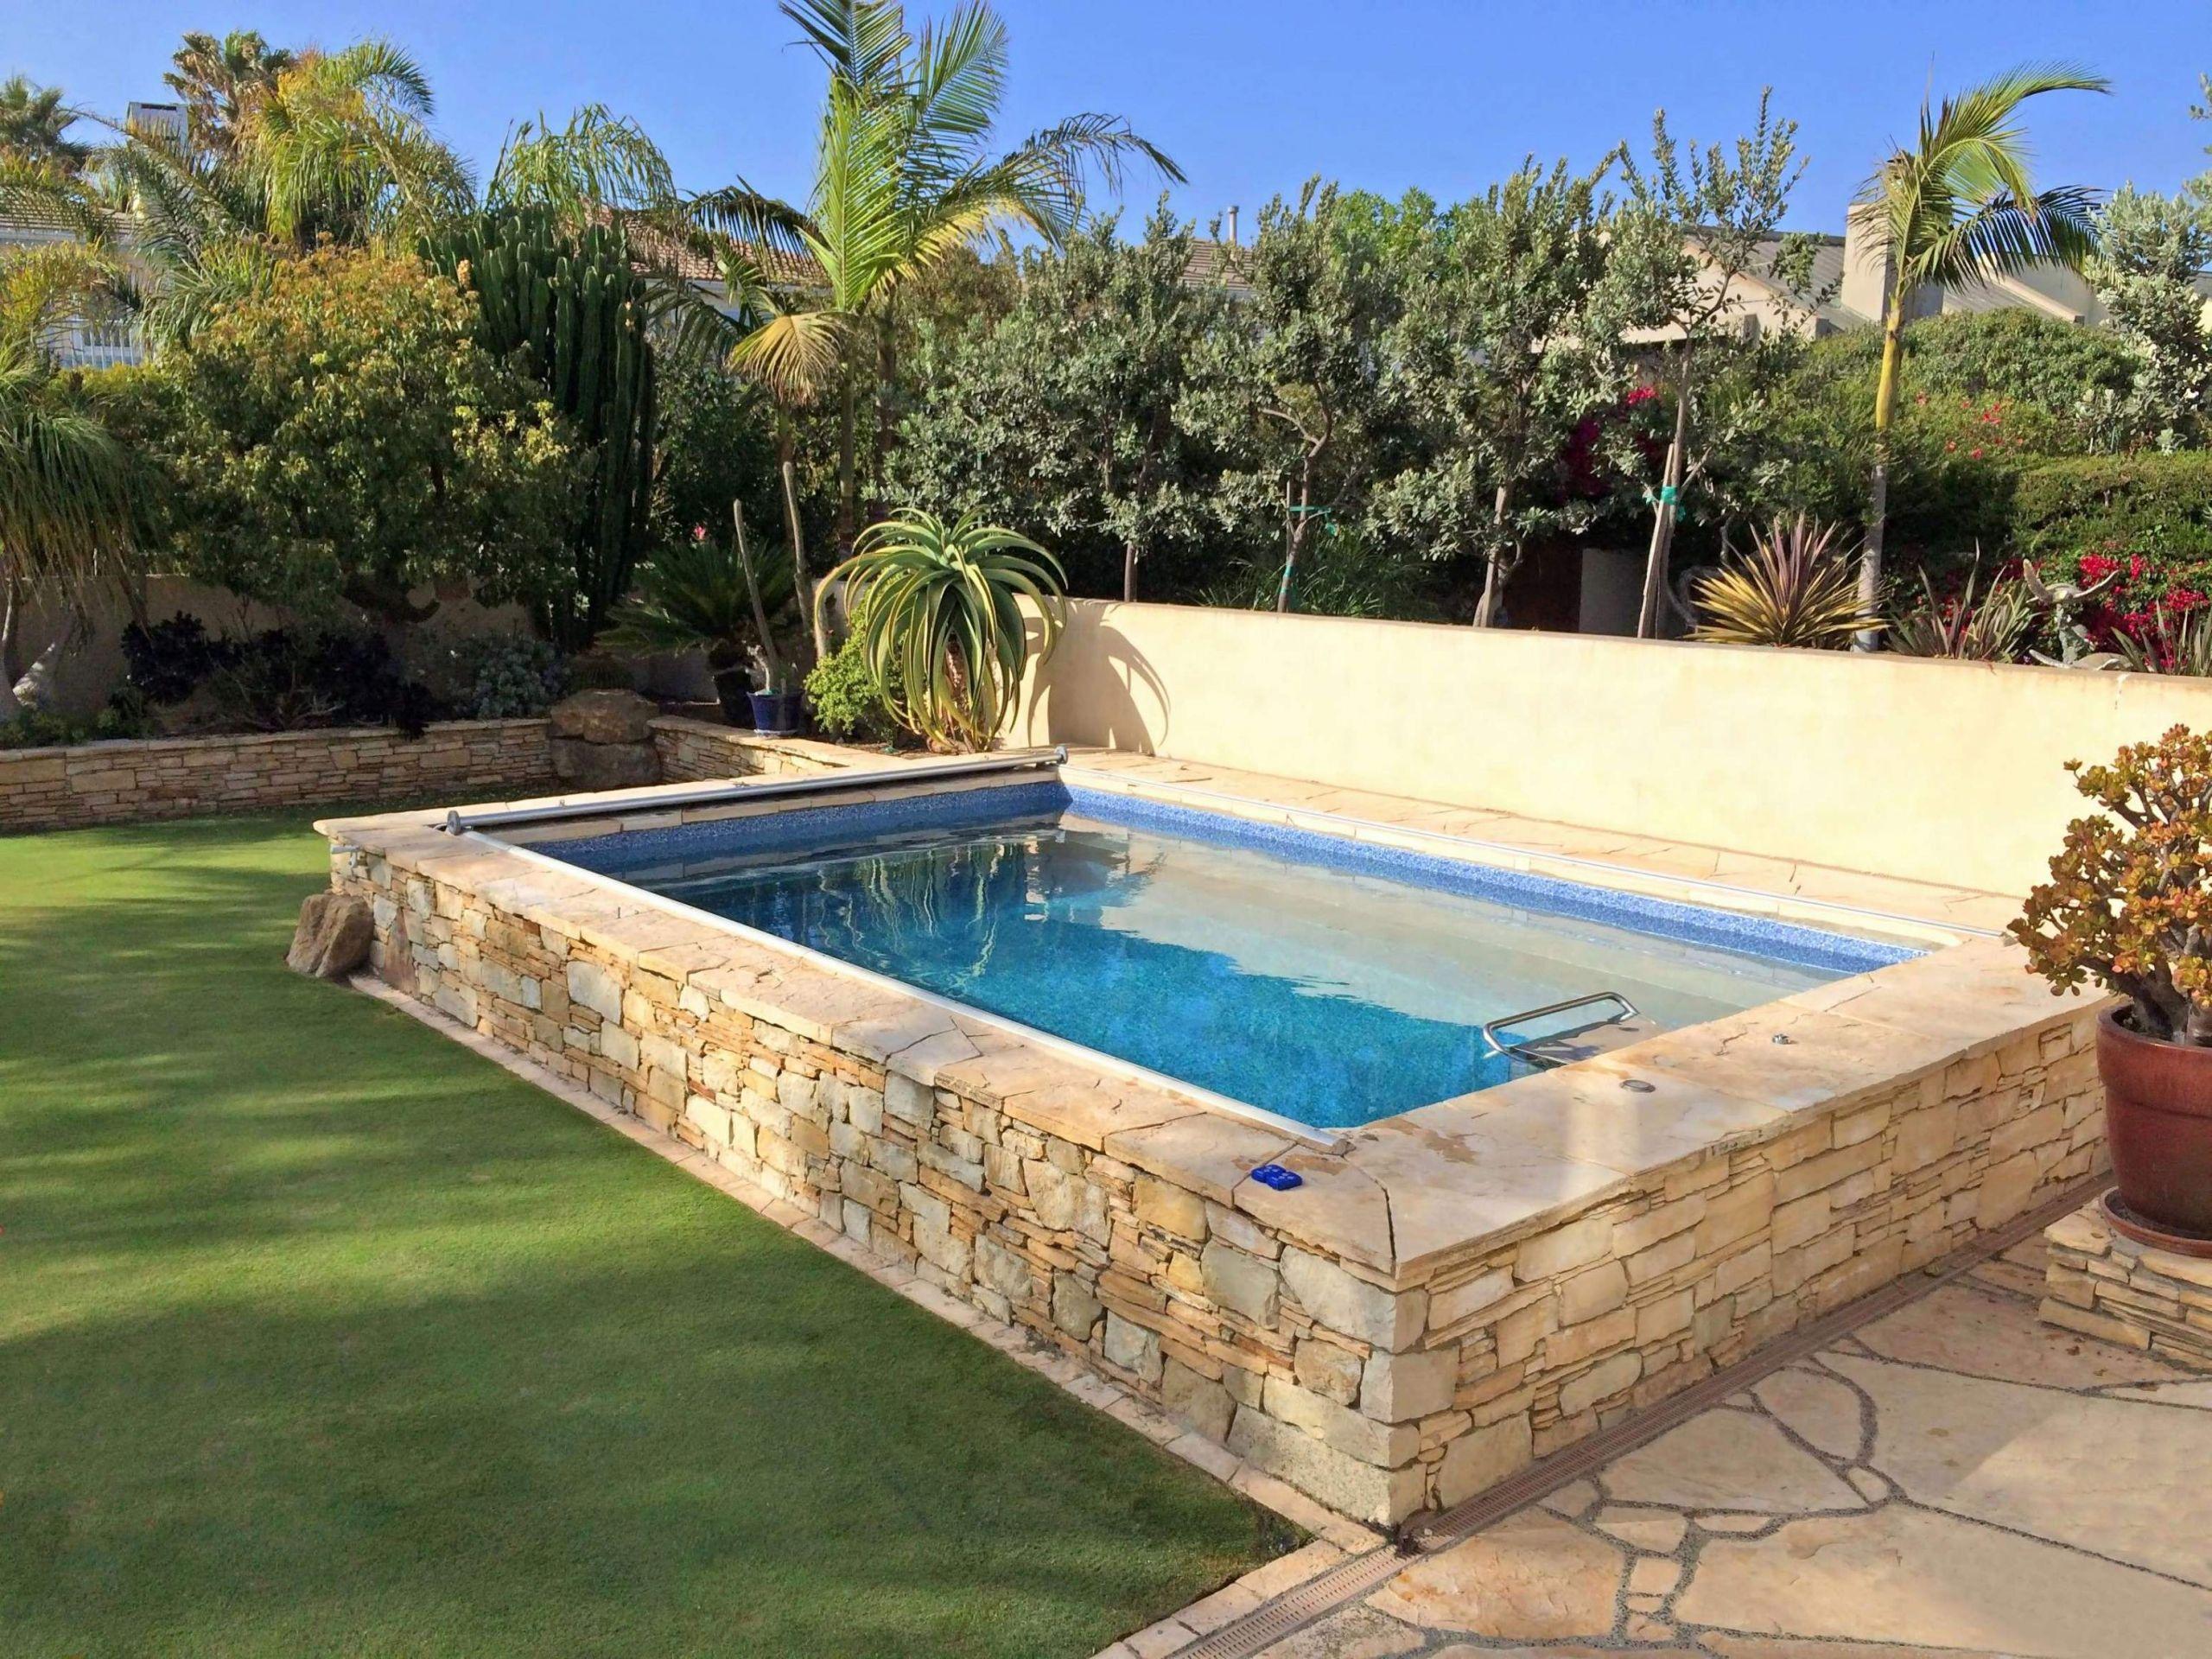 swimmingpool im garten einzigartig kleiner garten mit pool gestalten pool im kleinen garten pool im kleinen garten